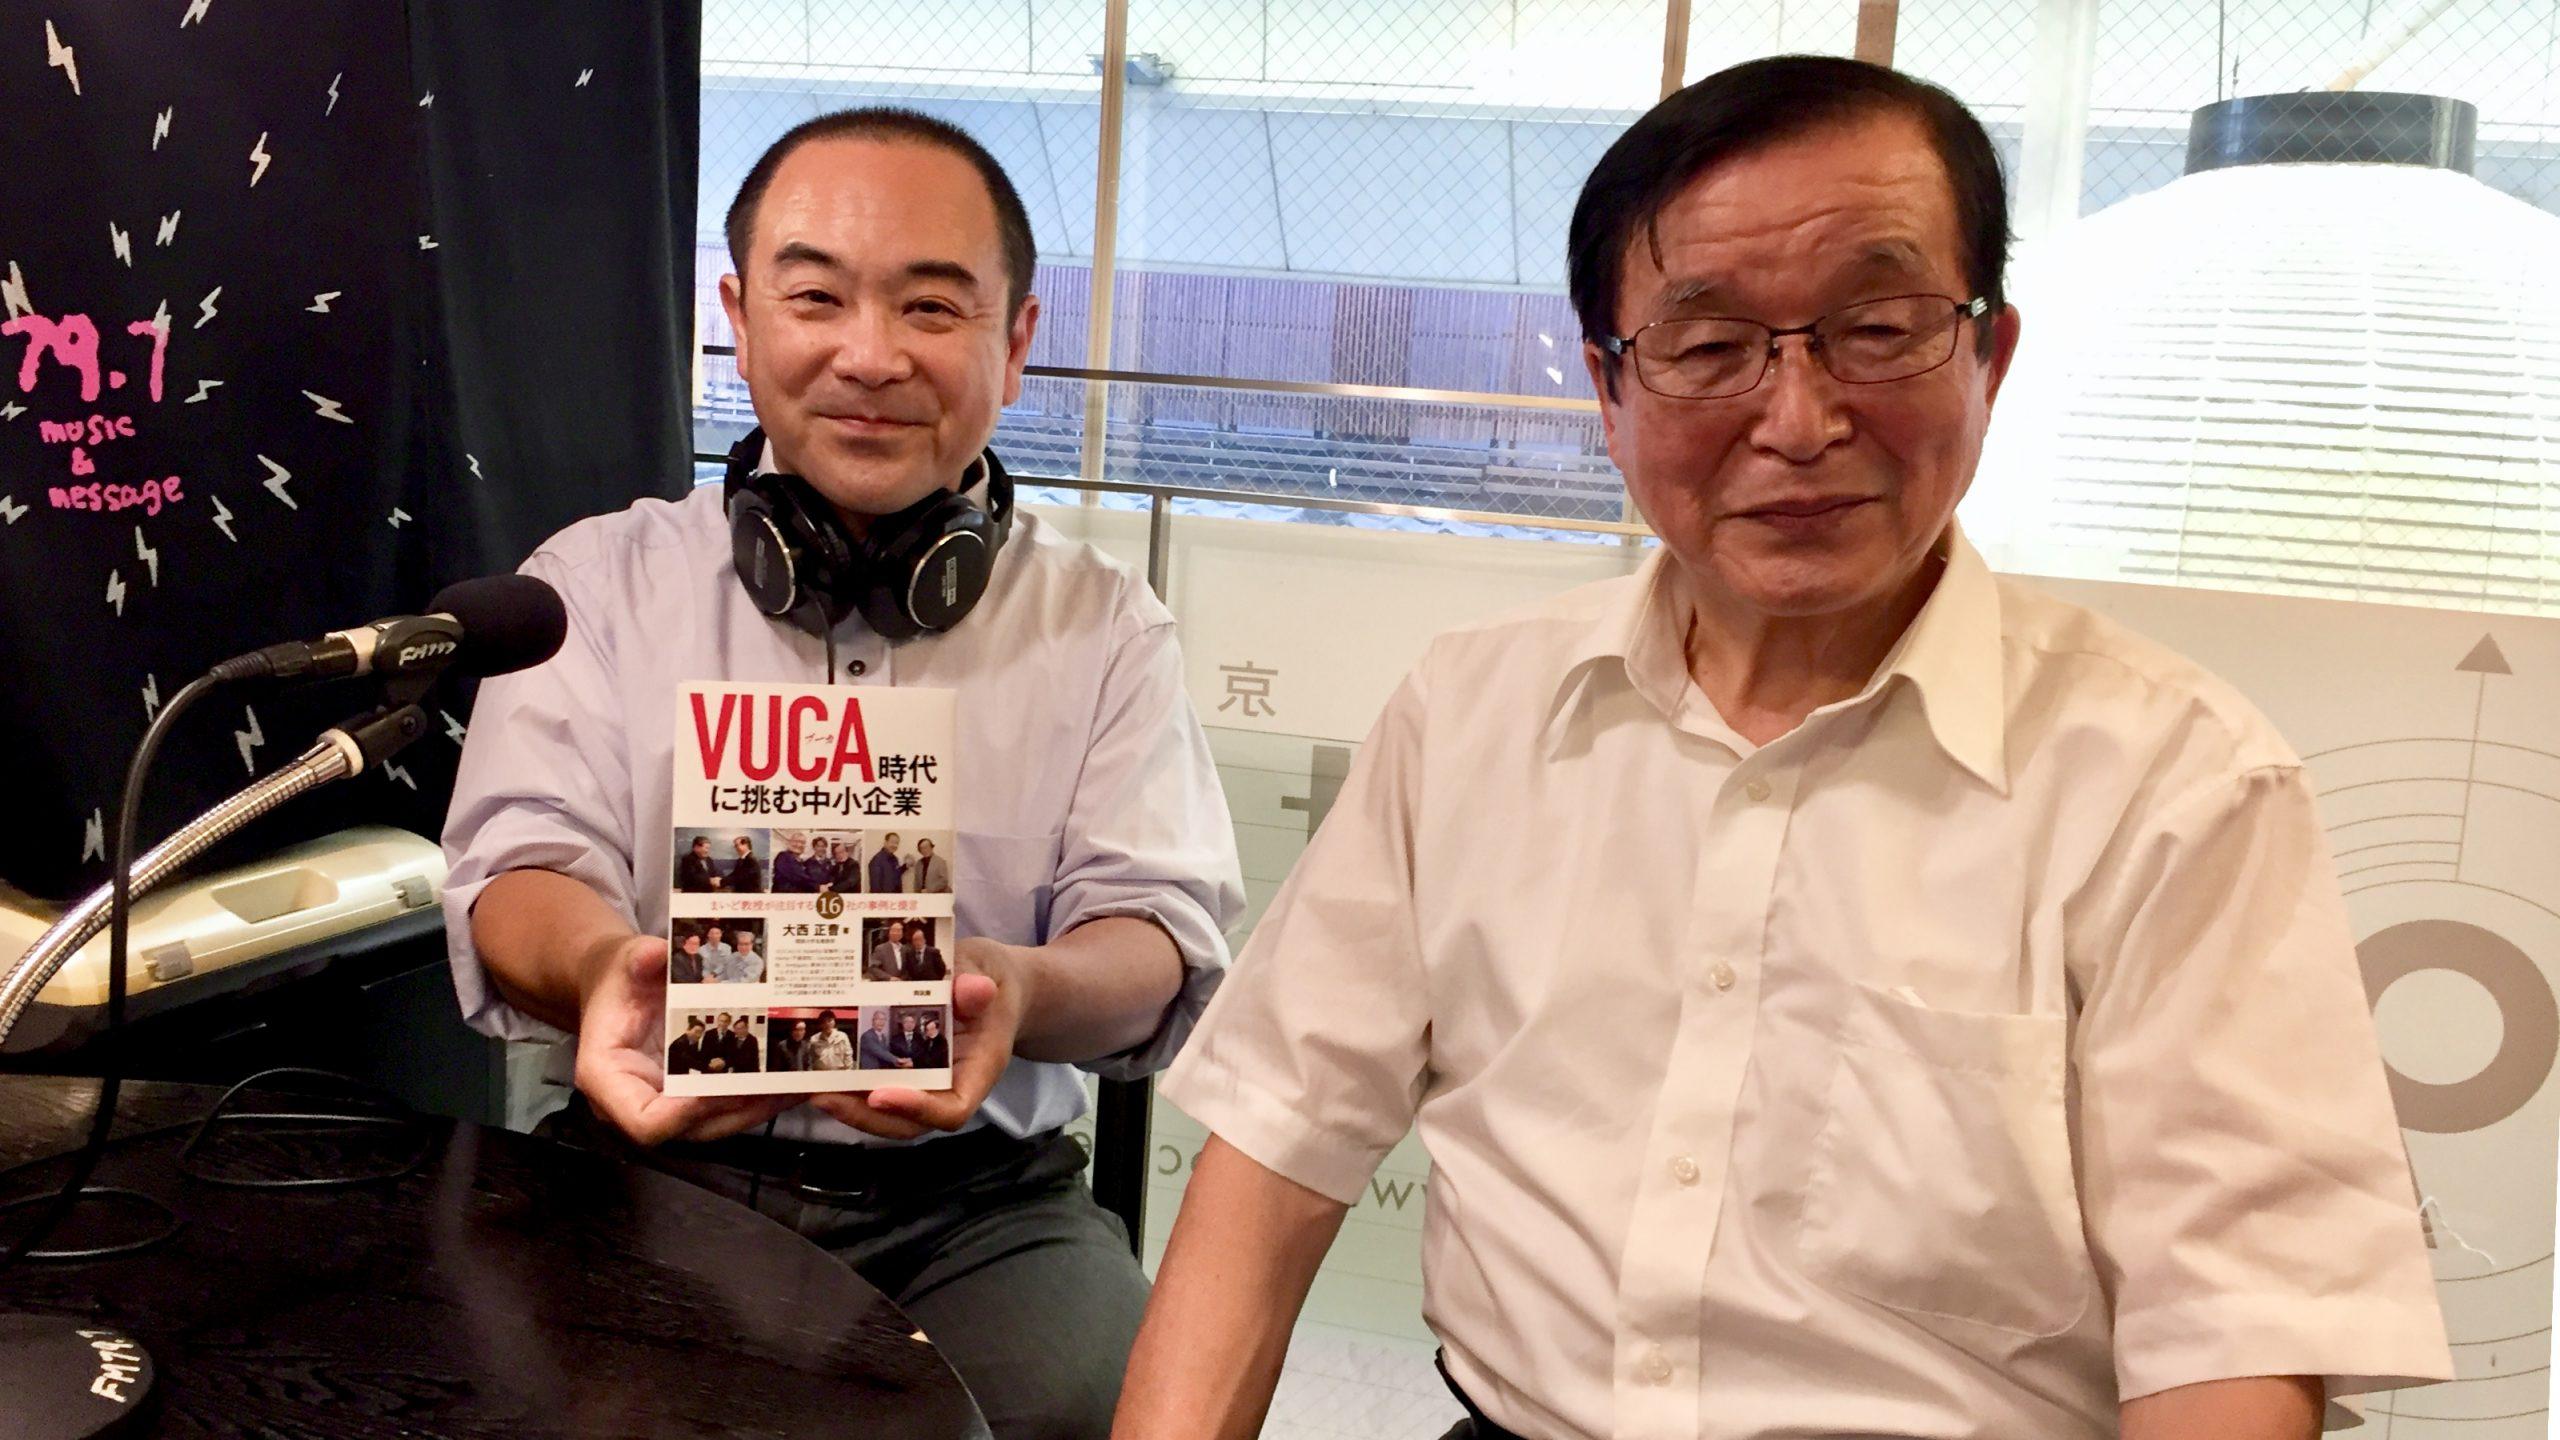 VUCA時代に挑む中小企業